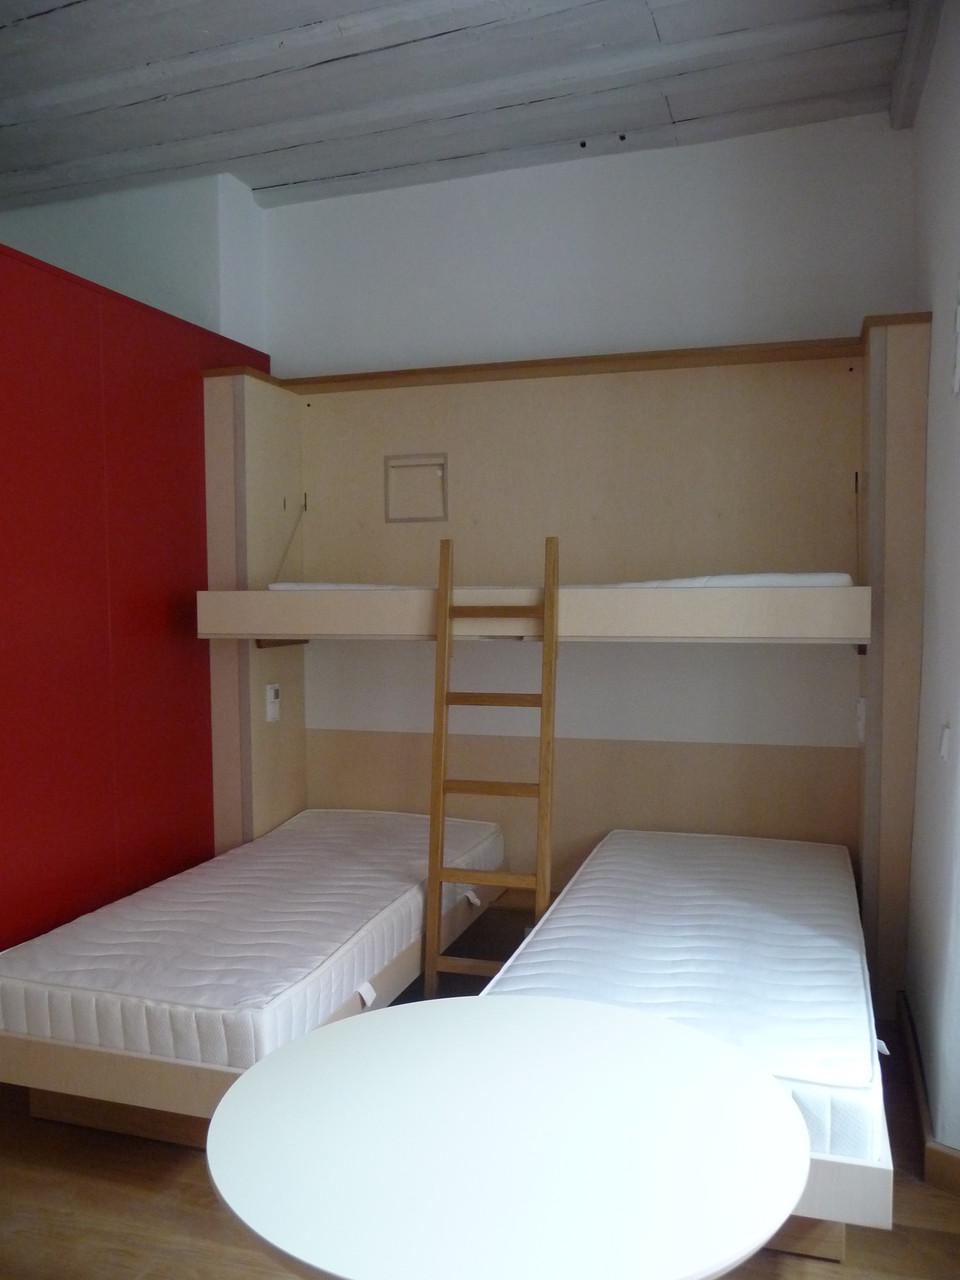 klappbett doppelbett excellent oberflche wei ral mit zum leichten ein ausklappen with klappbett. Black Bedroom Furniture Sets. Home Design Ideas